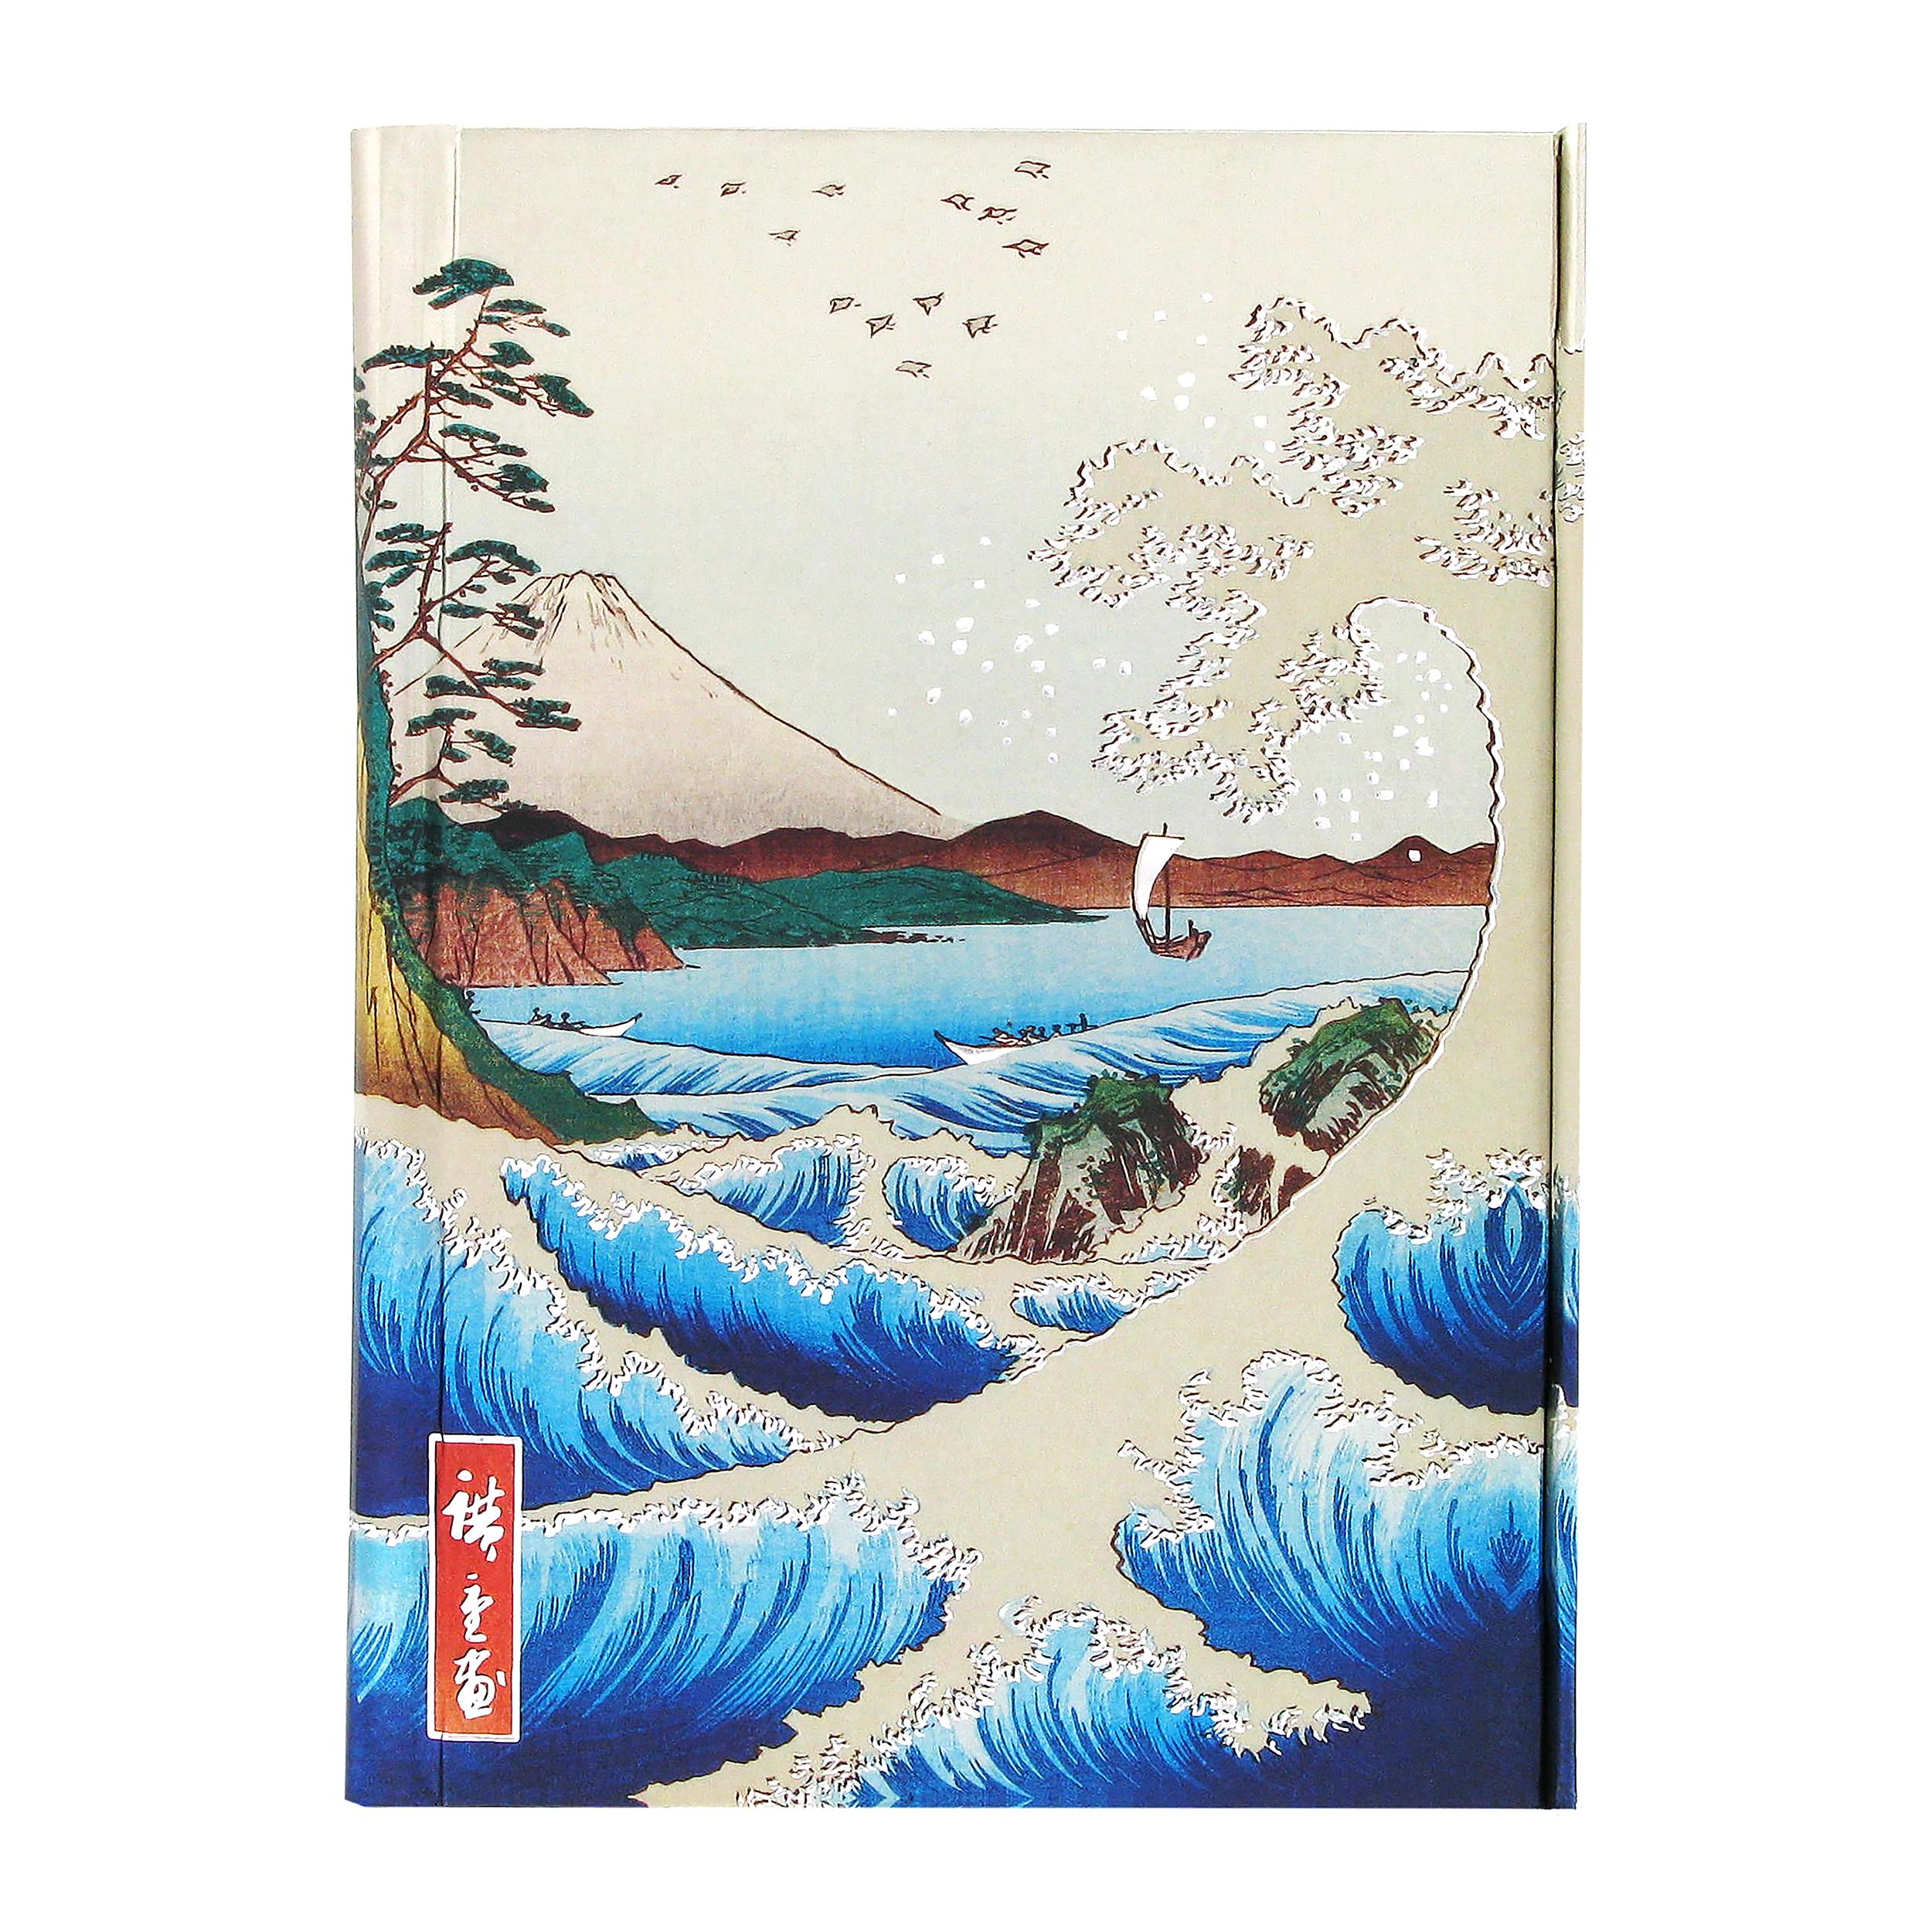 Hiroshige notebook